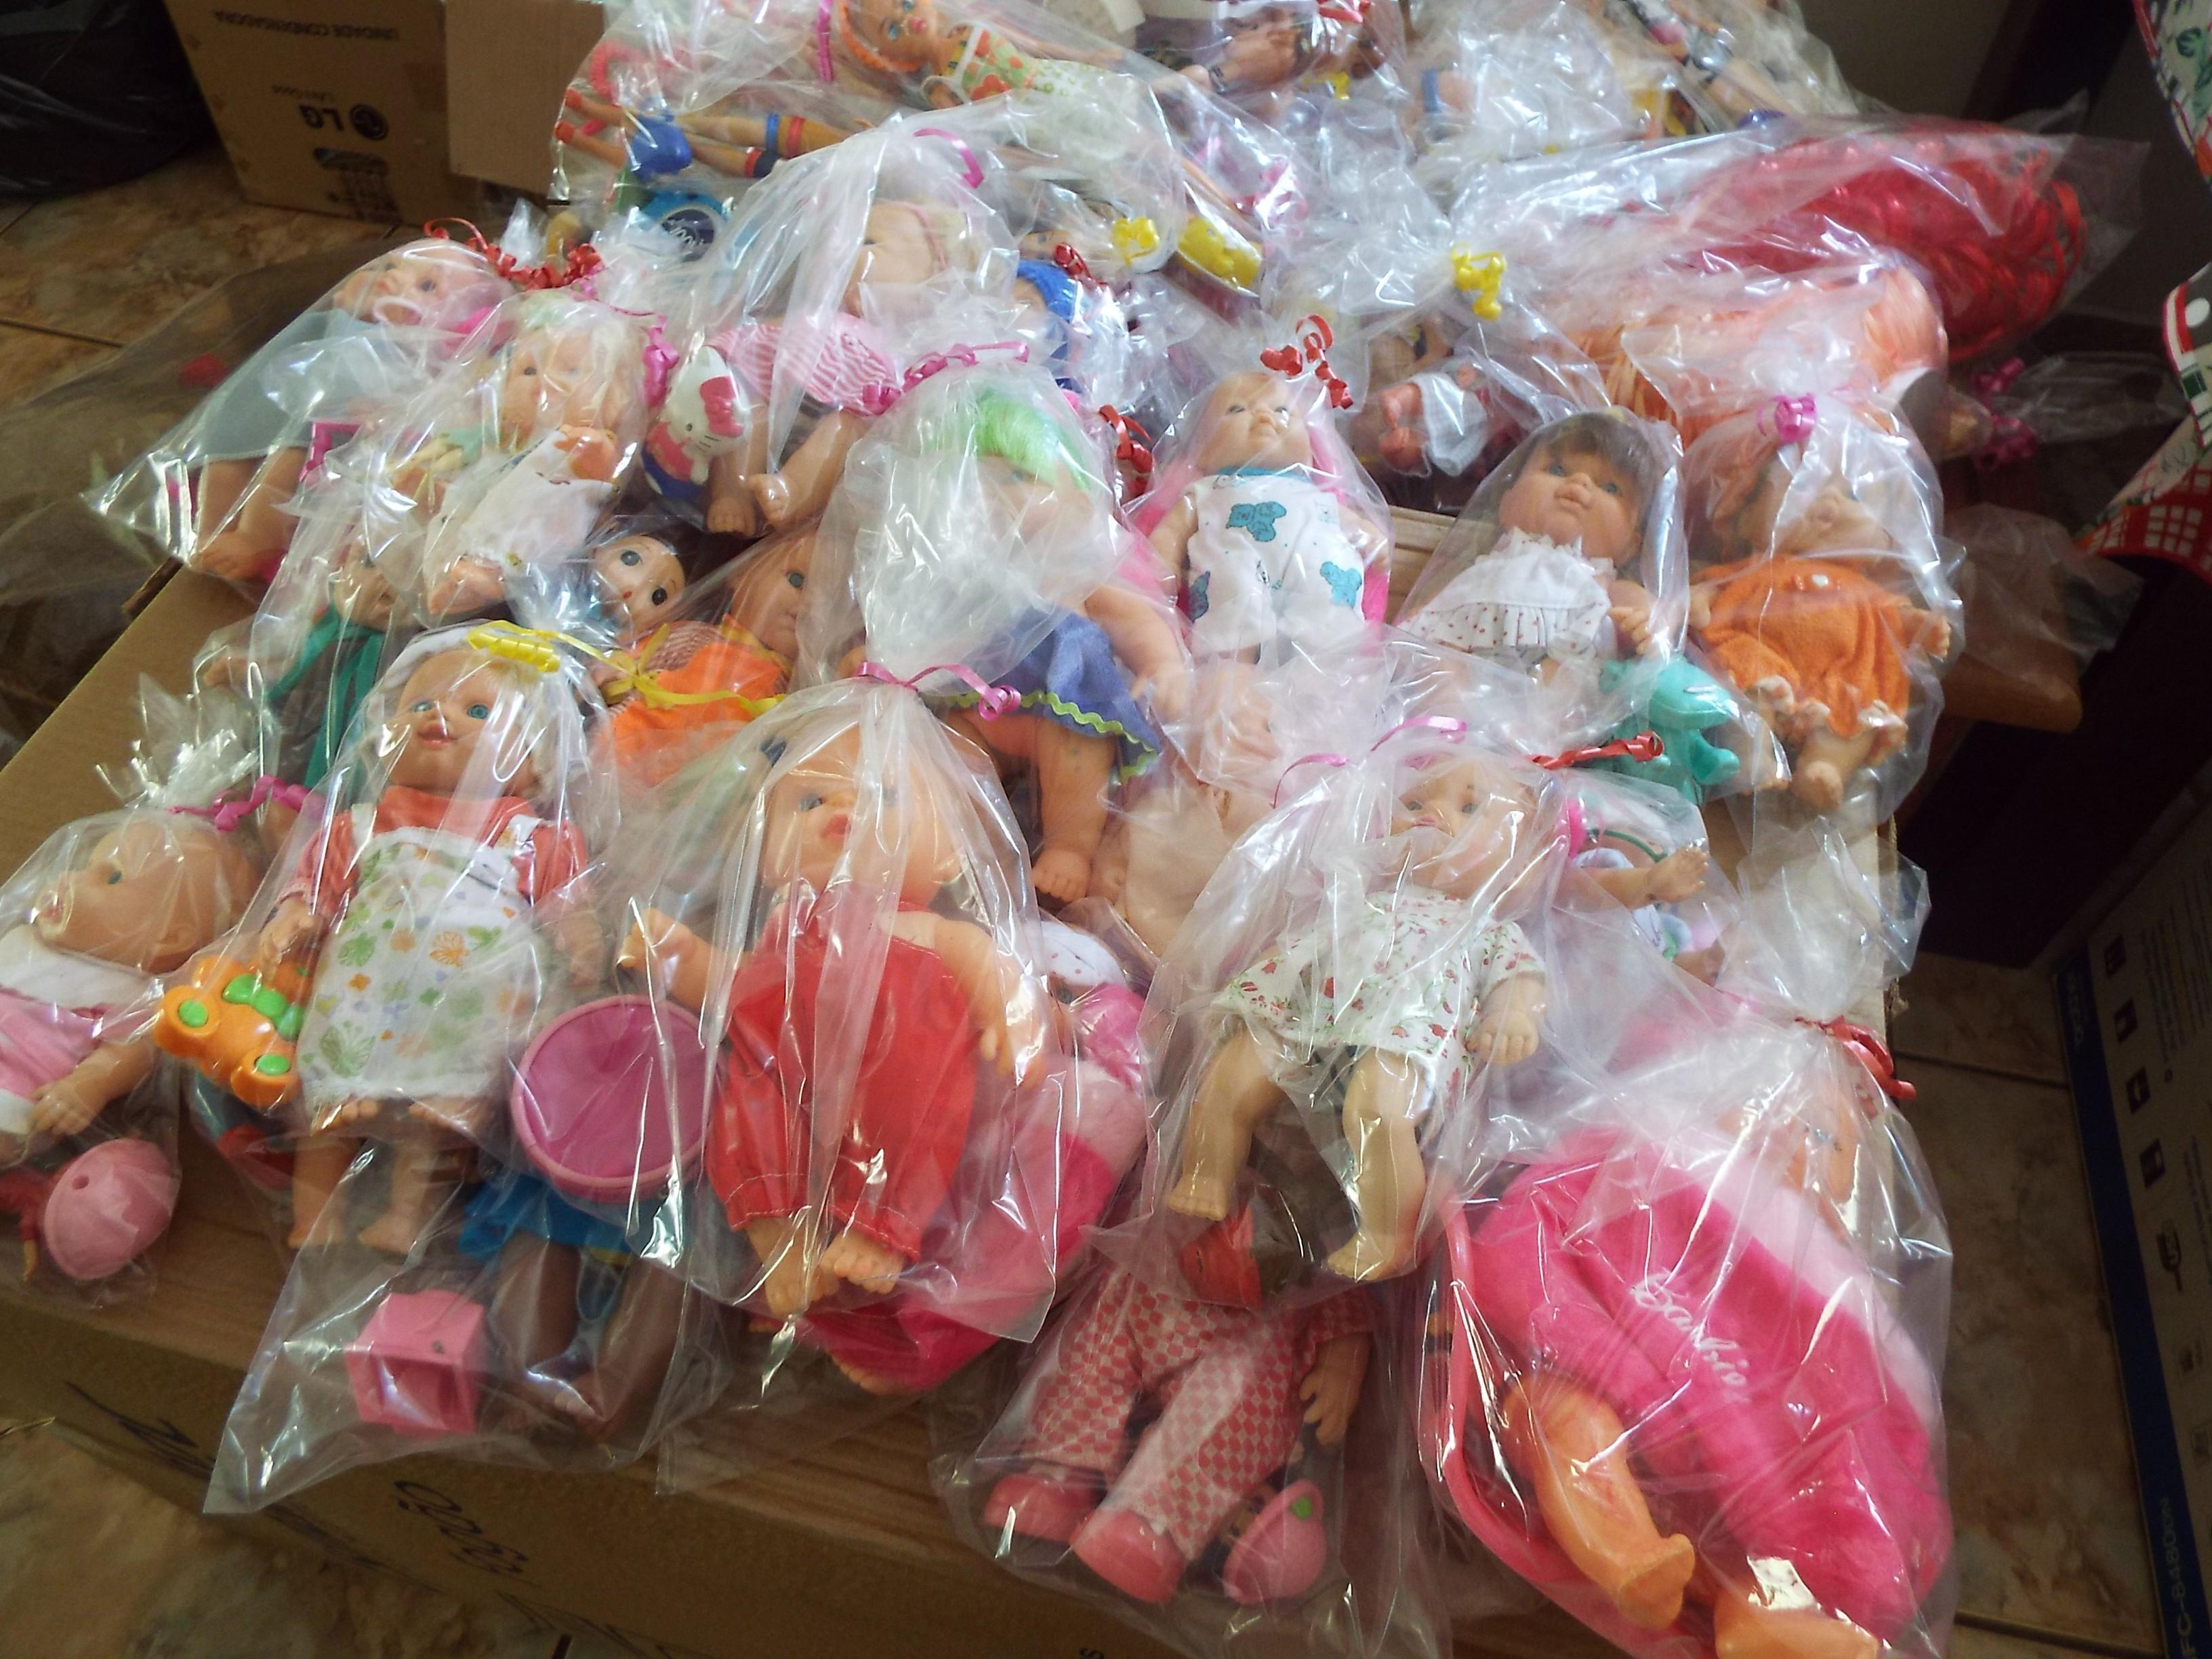 Voluntários arrecadam brinquedos que serão doados em bairros periféricos de Petrolina e Juazeiro